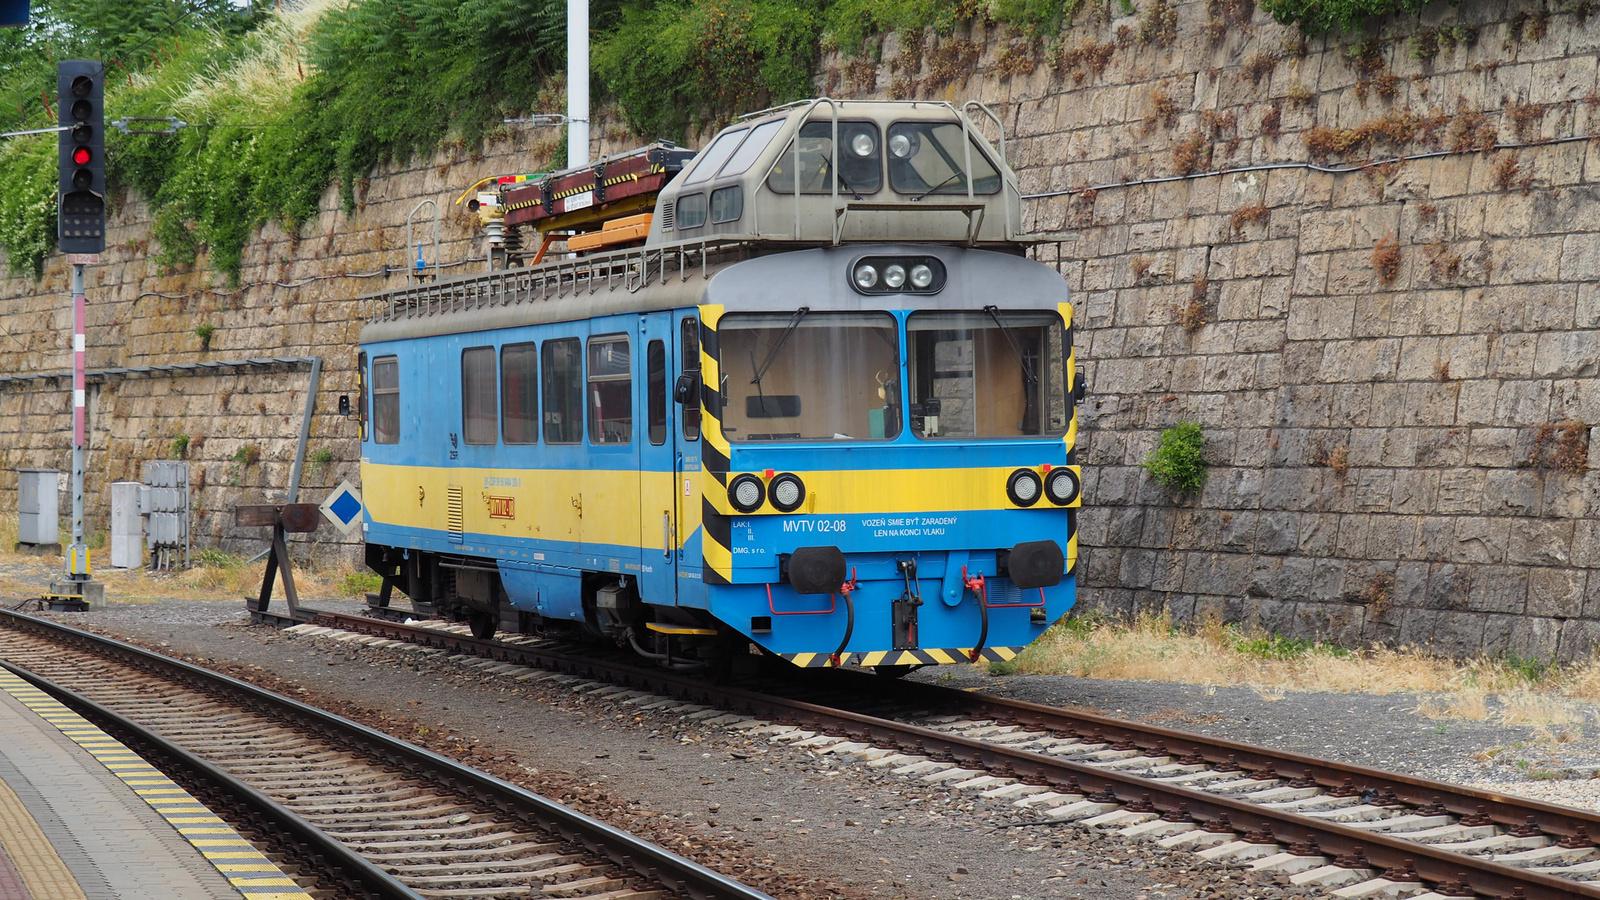 SK-ZSR 99 56 9484 208-0, SzG3